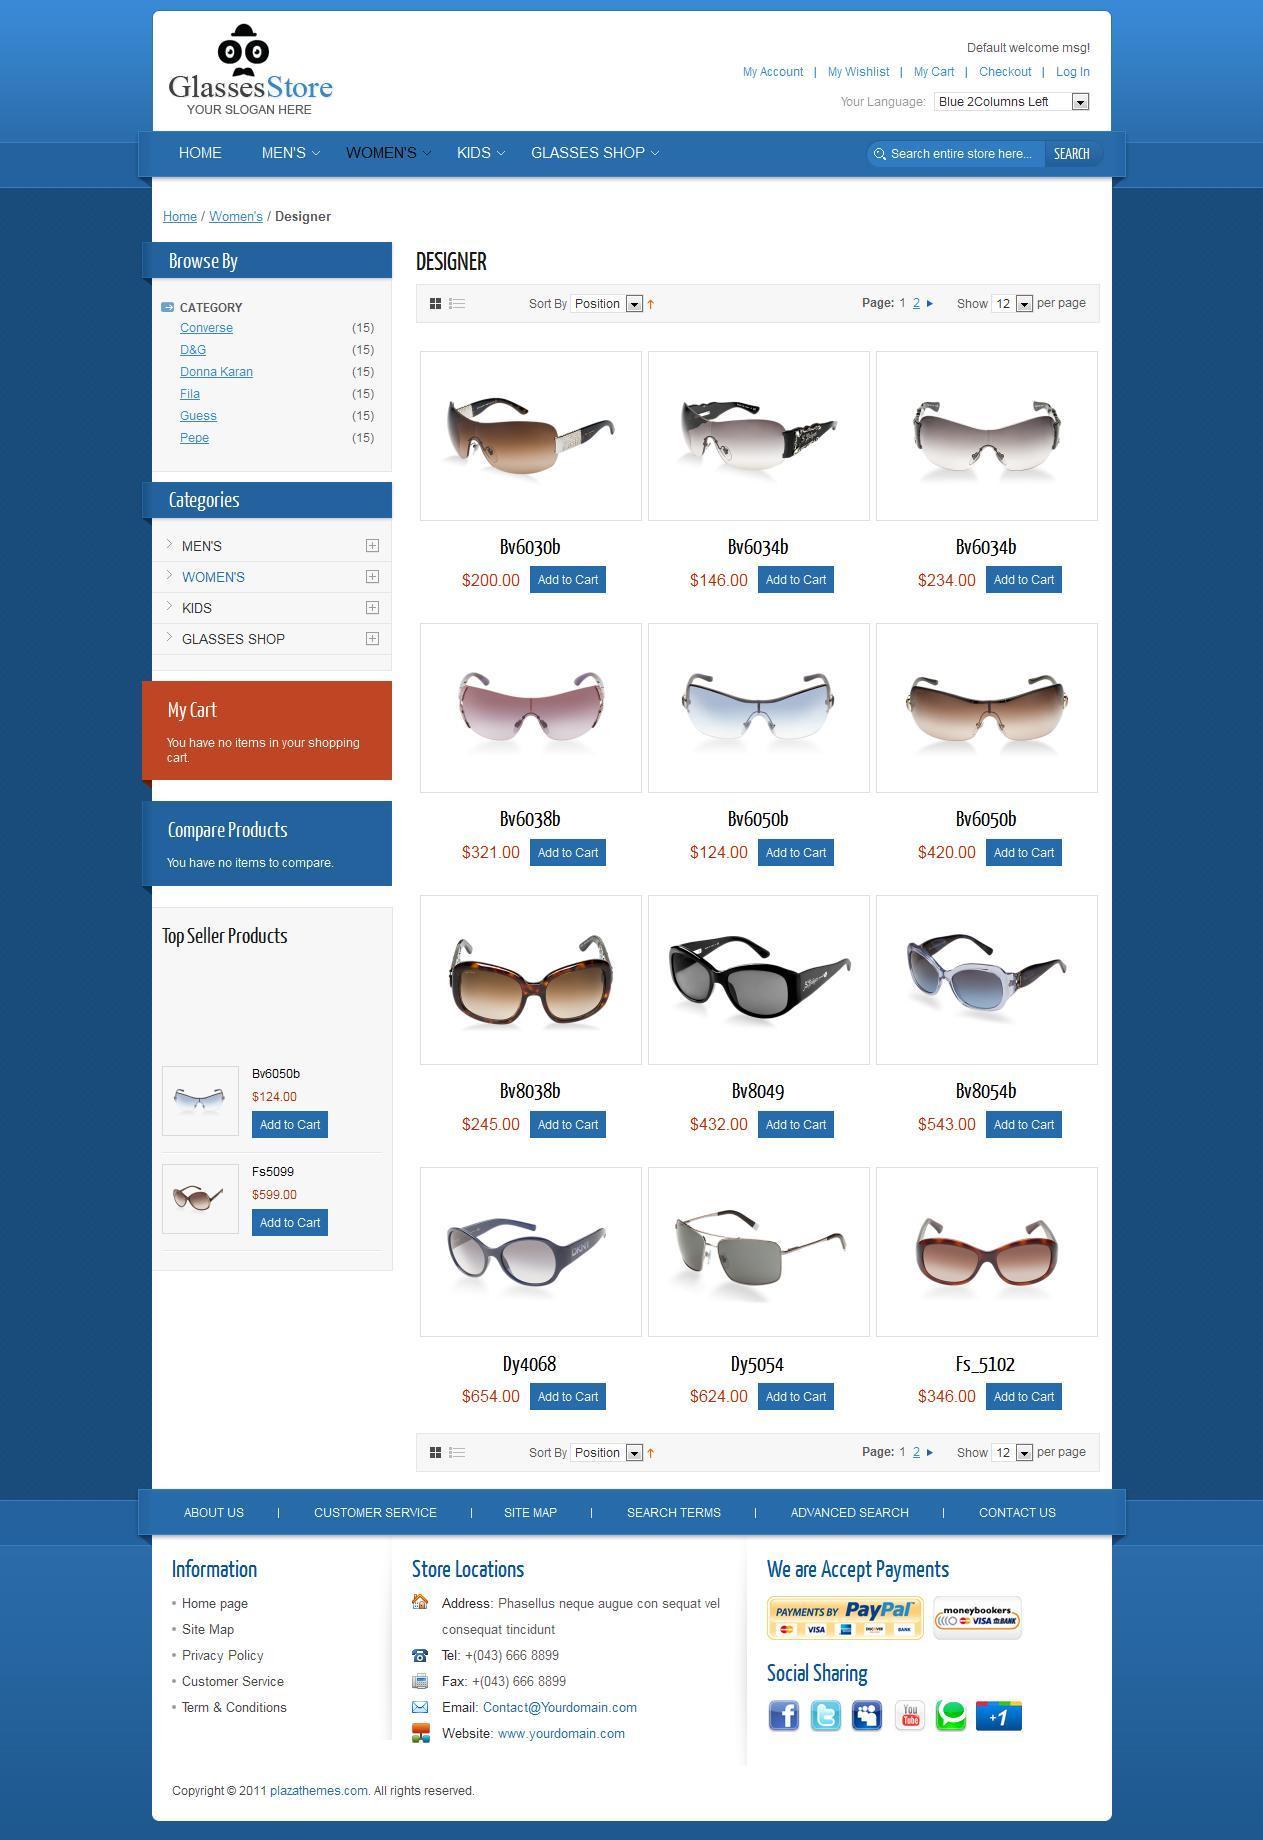 GlassesStore